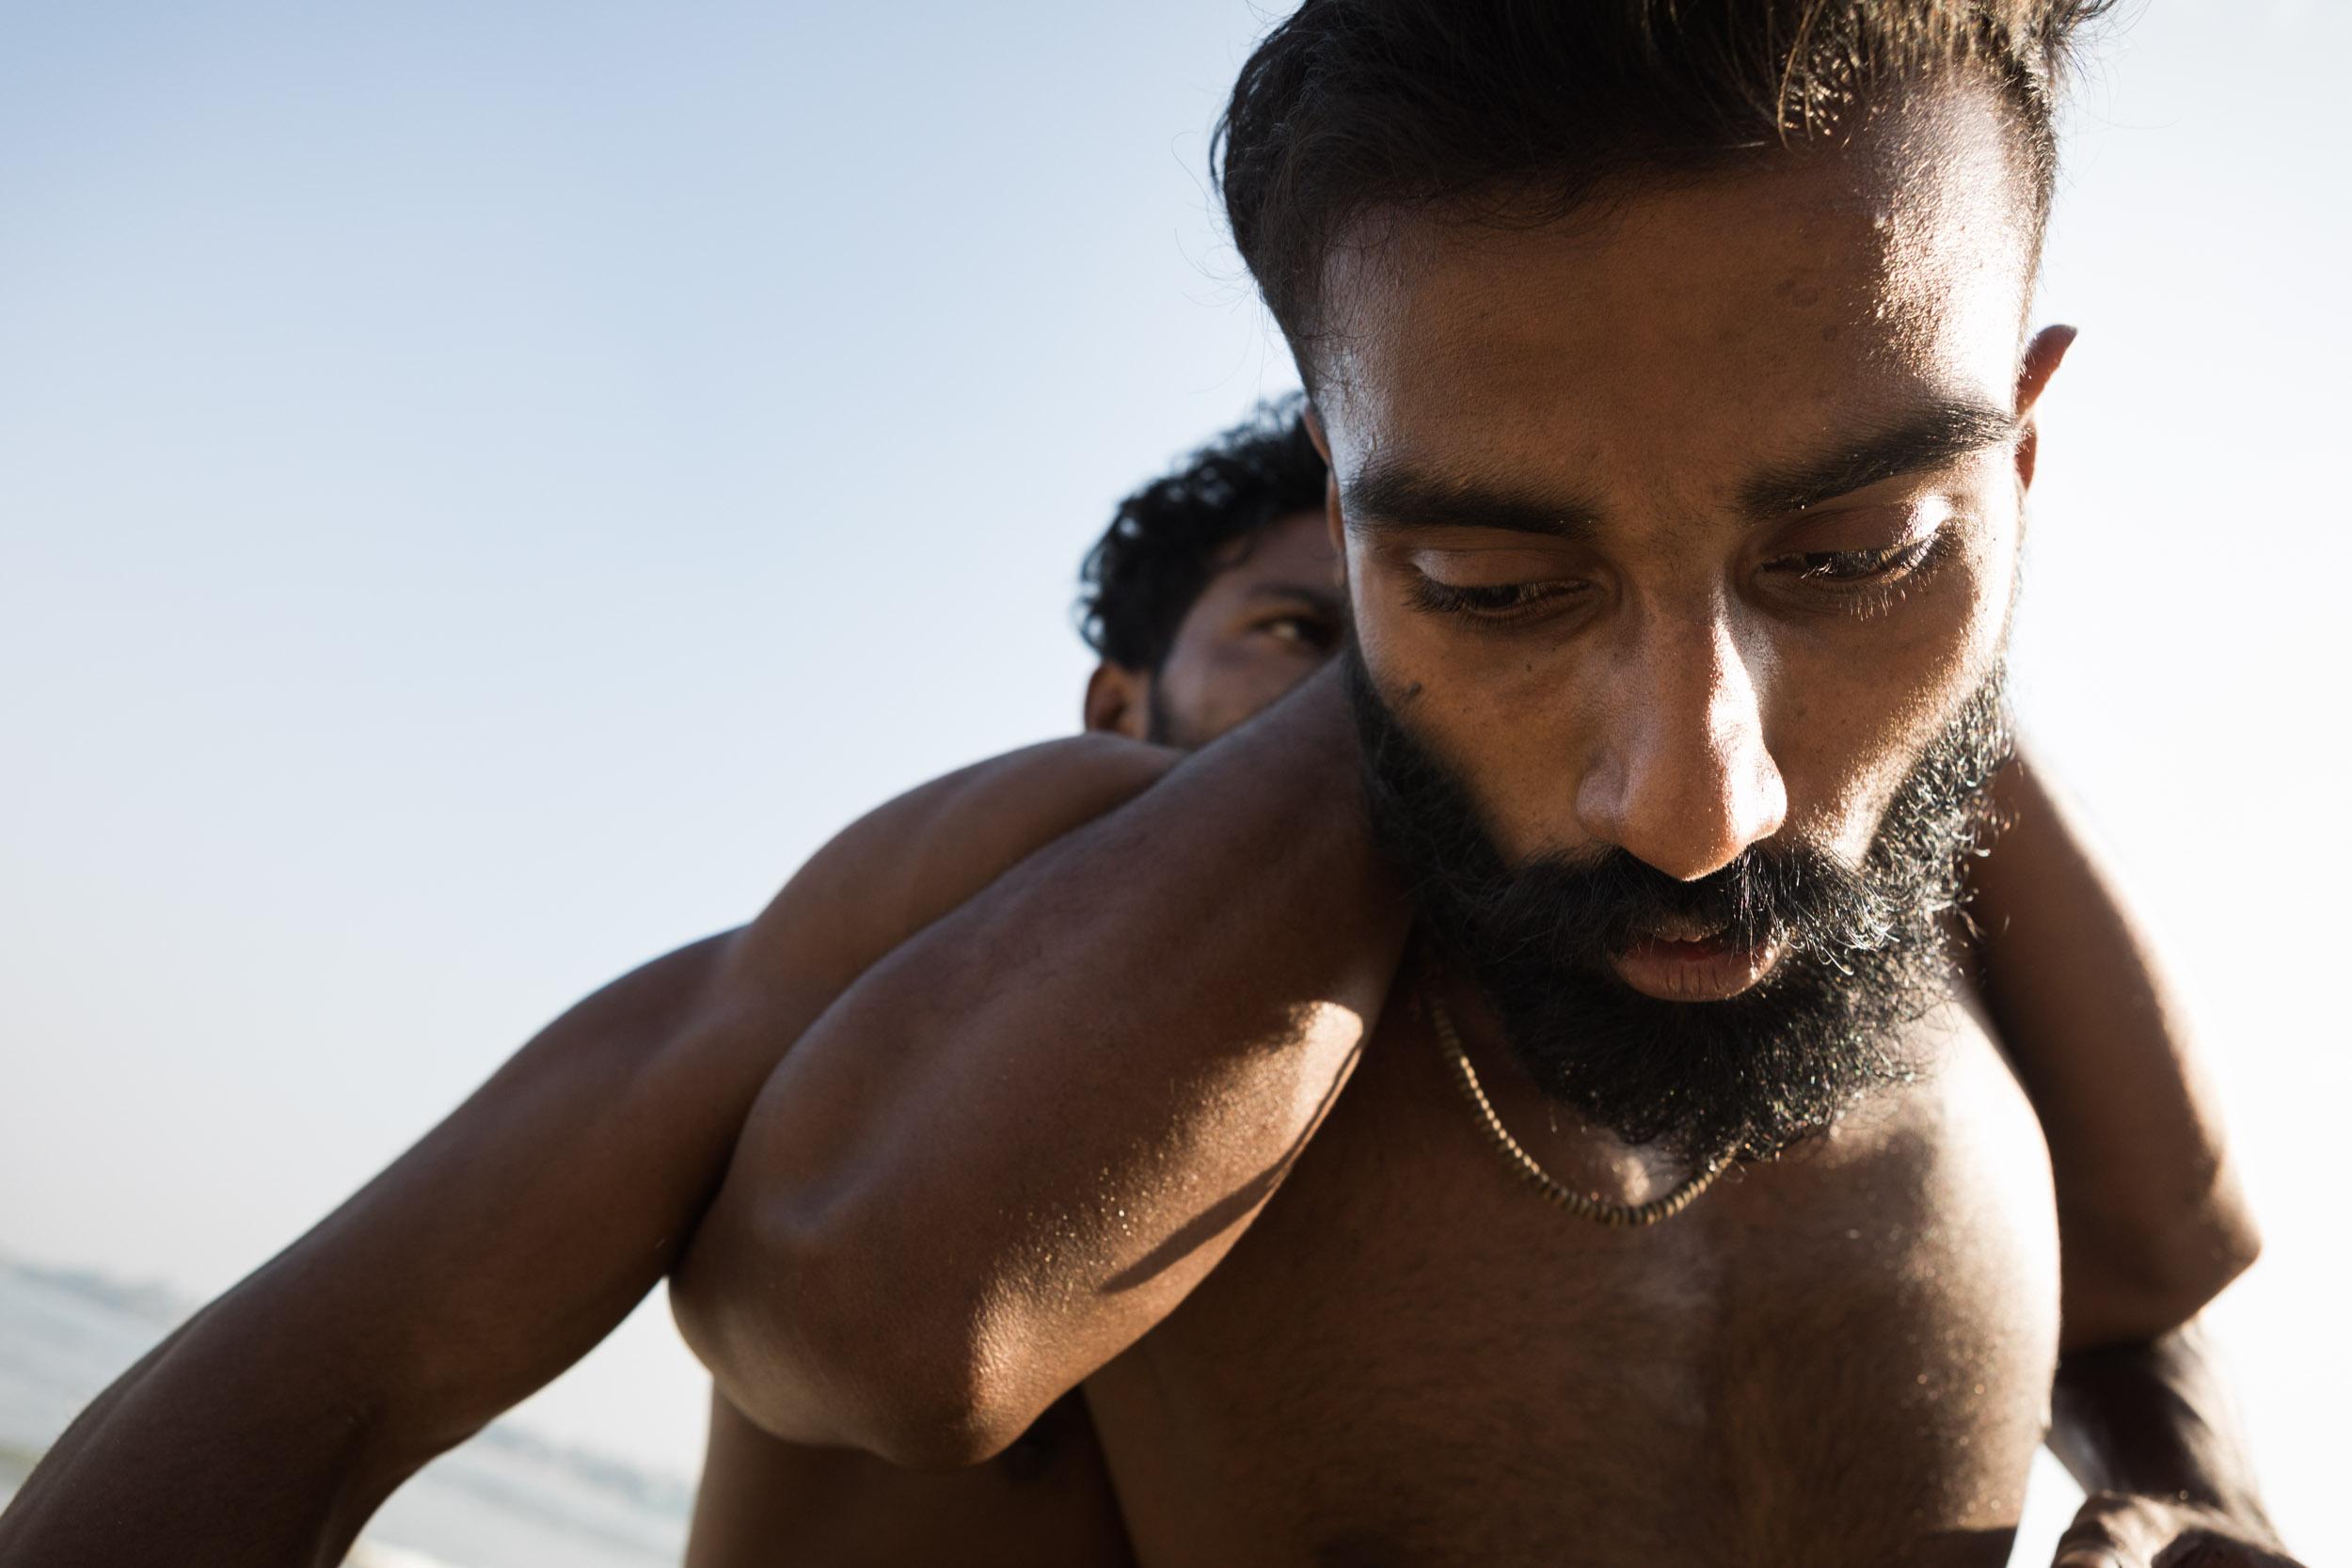 Giuliano-Berti-Kalaripayattu-Kerala-India-9.jpg